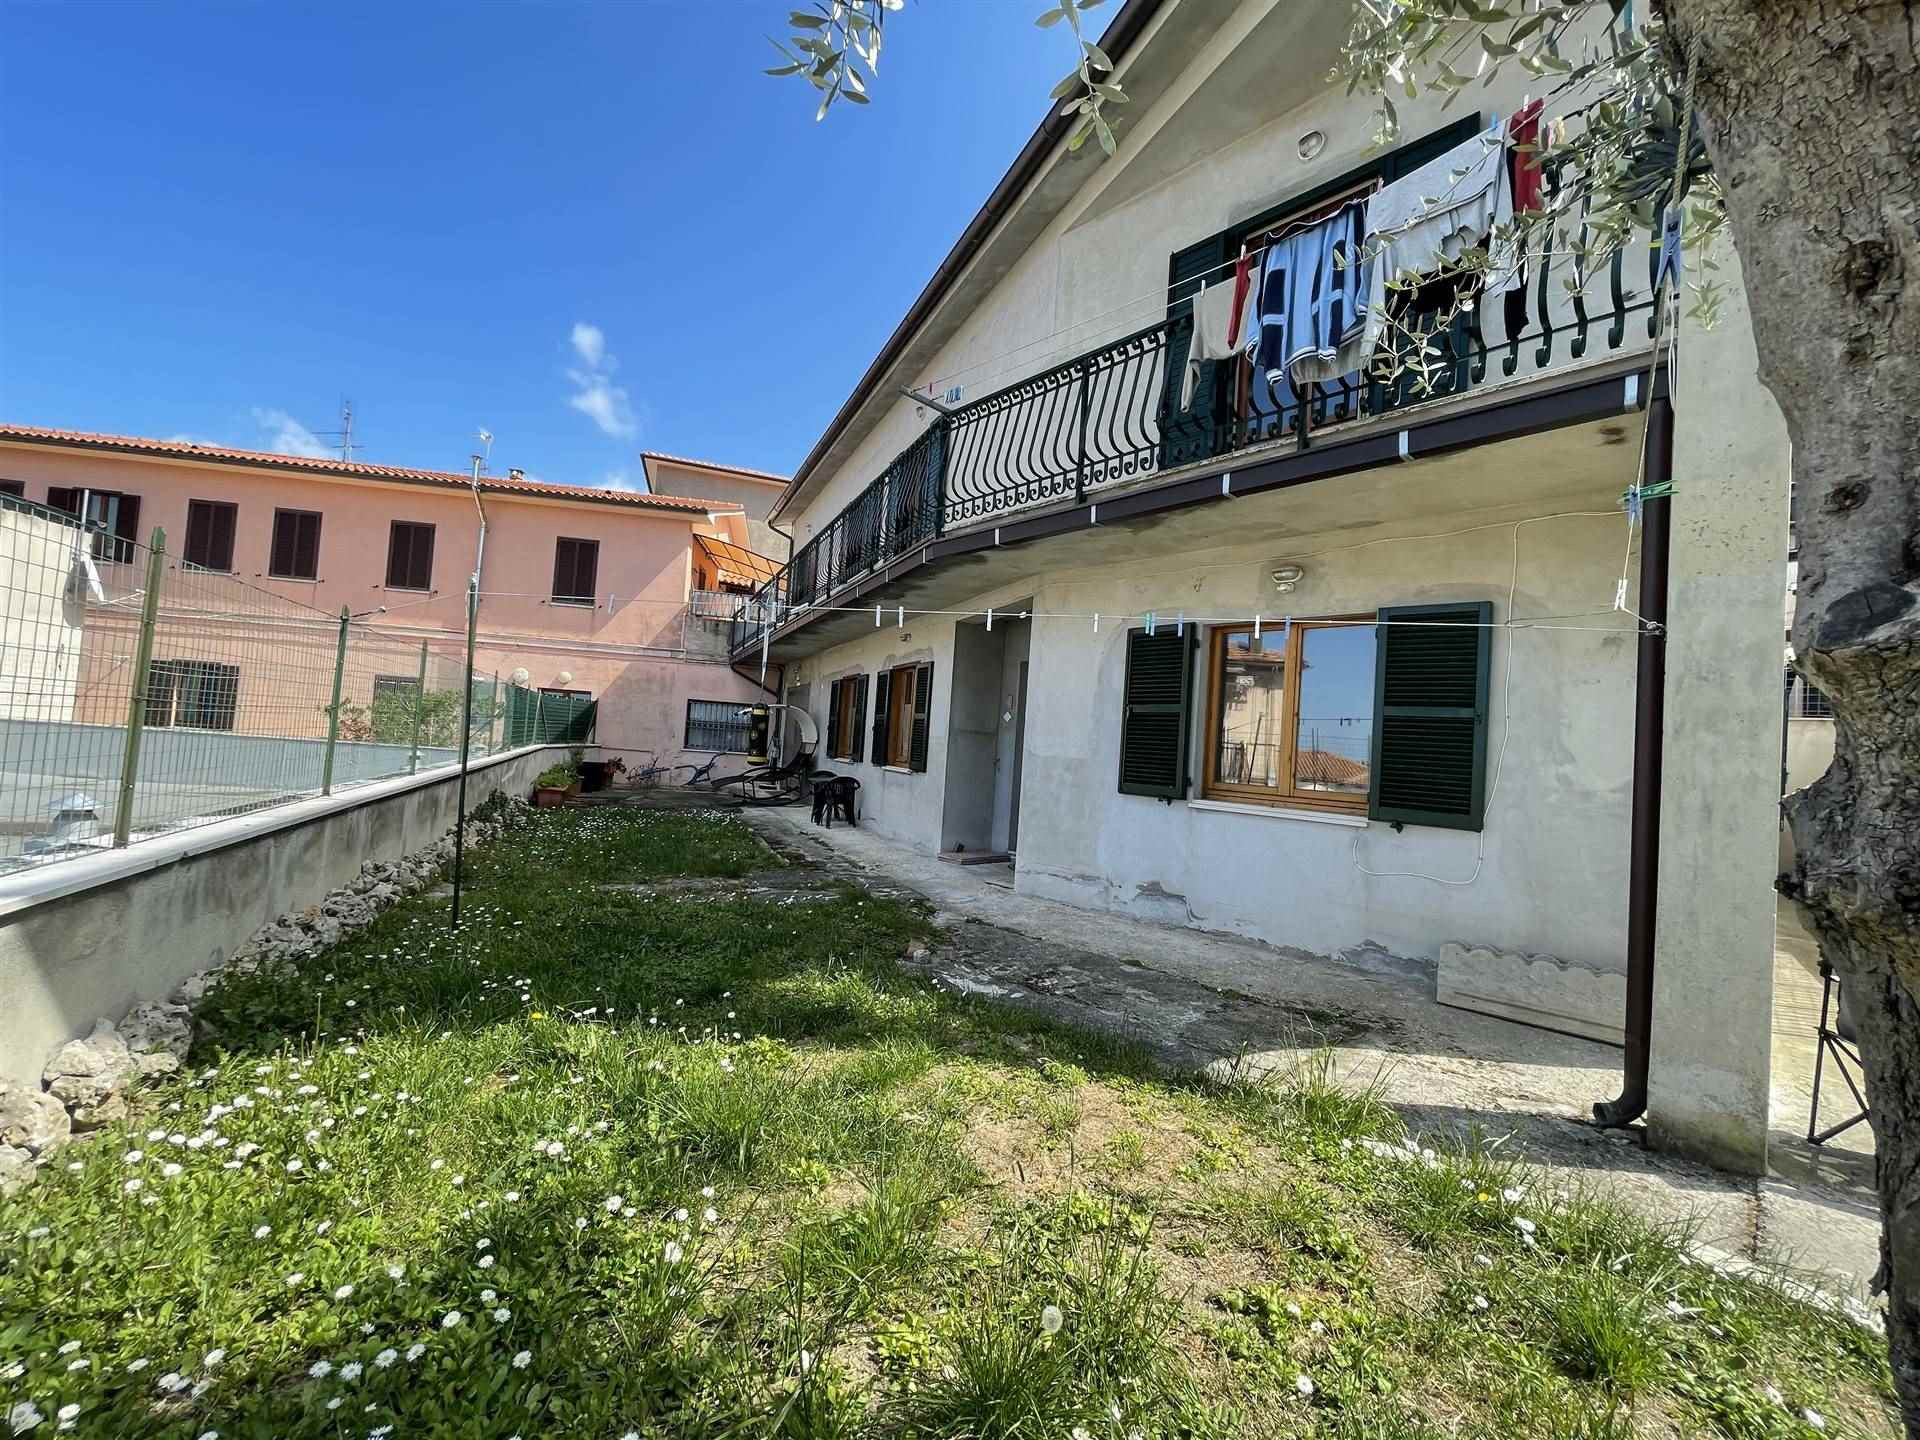 ALL IMMOBILIARE SAS propone in vendita ad OSIMO in zona GUAZZATORE - casa singola con corte. L'abitazione, costruita a metà degli anni '70 si